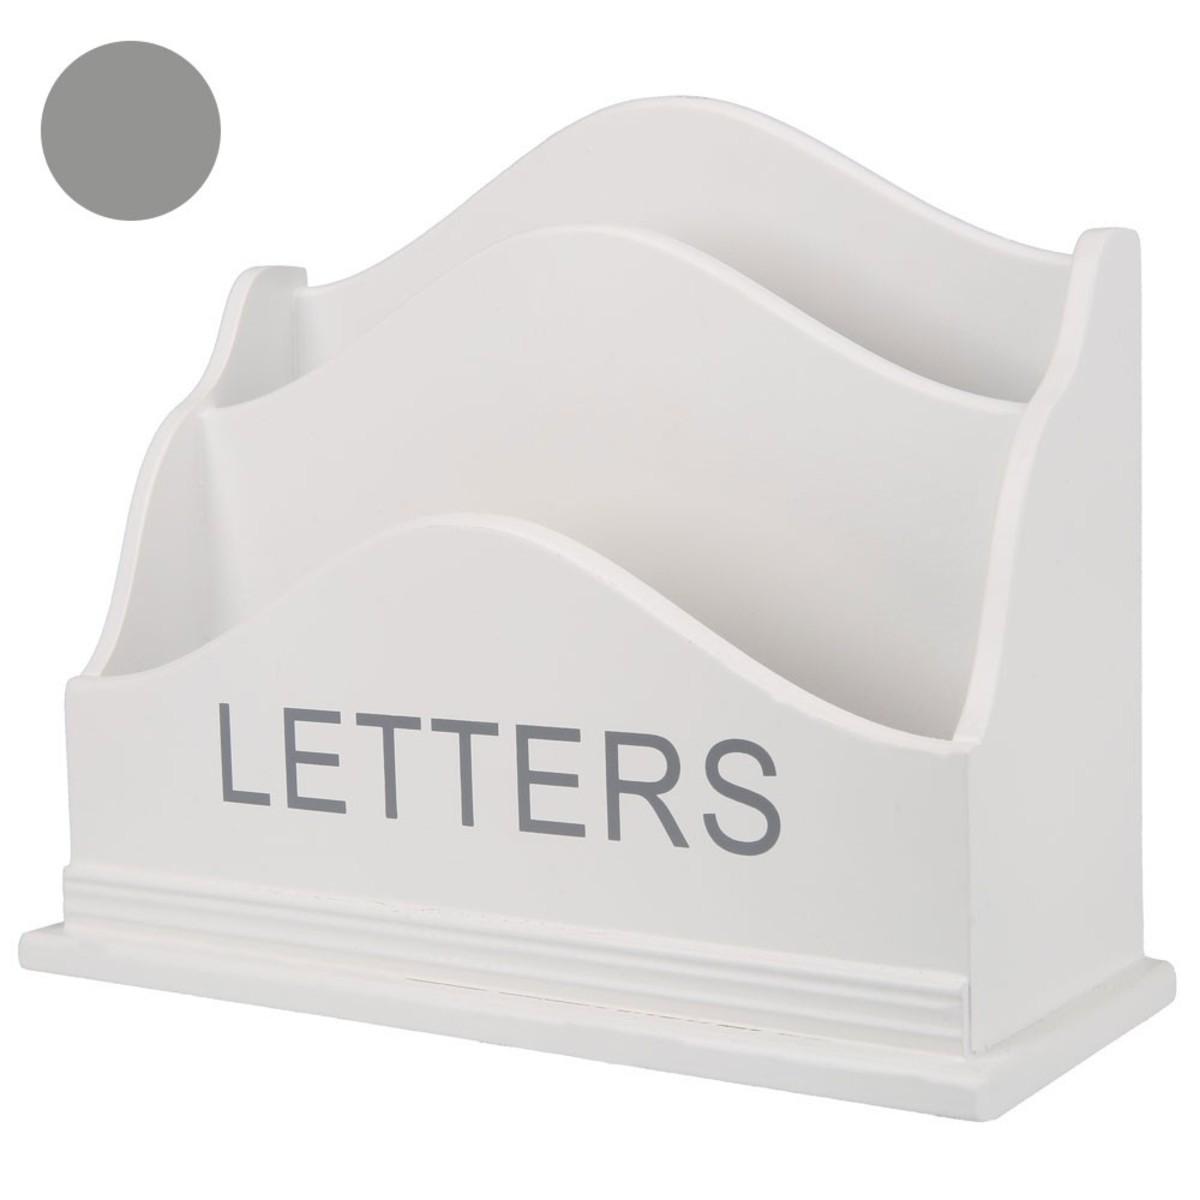 Bild 1 von Briefhalter